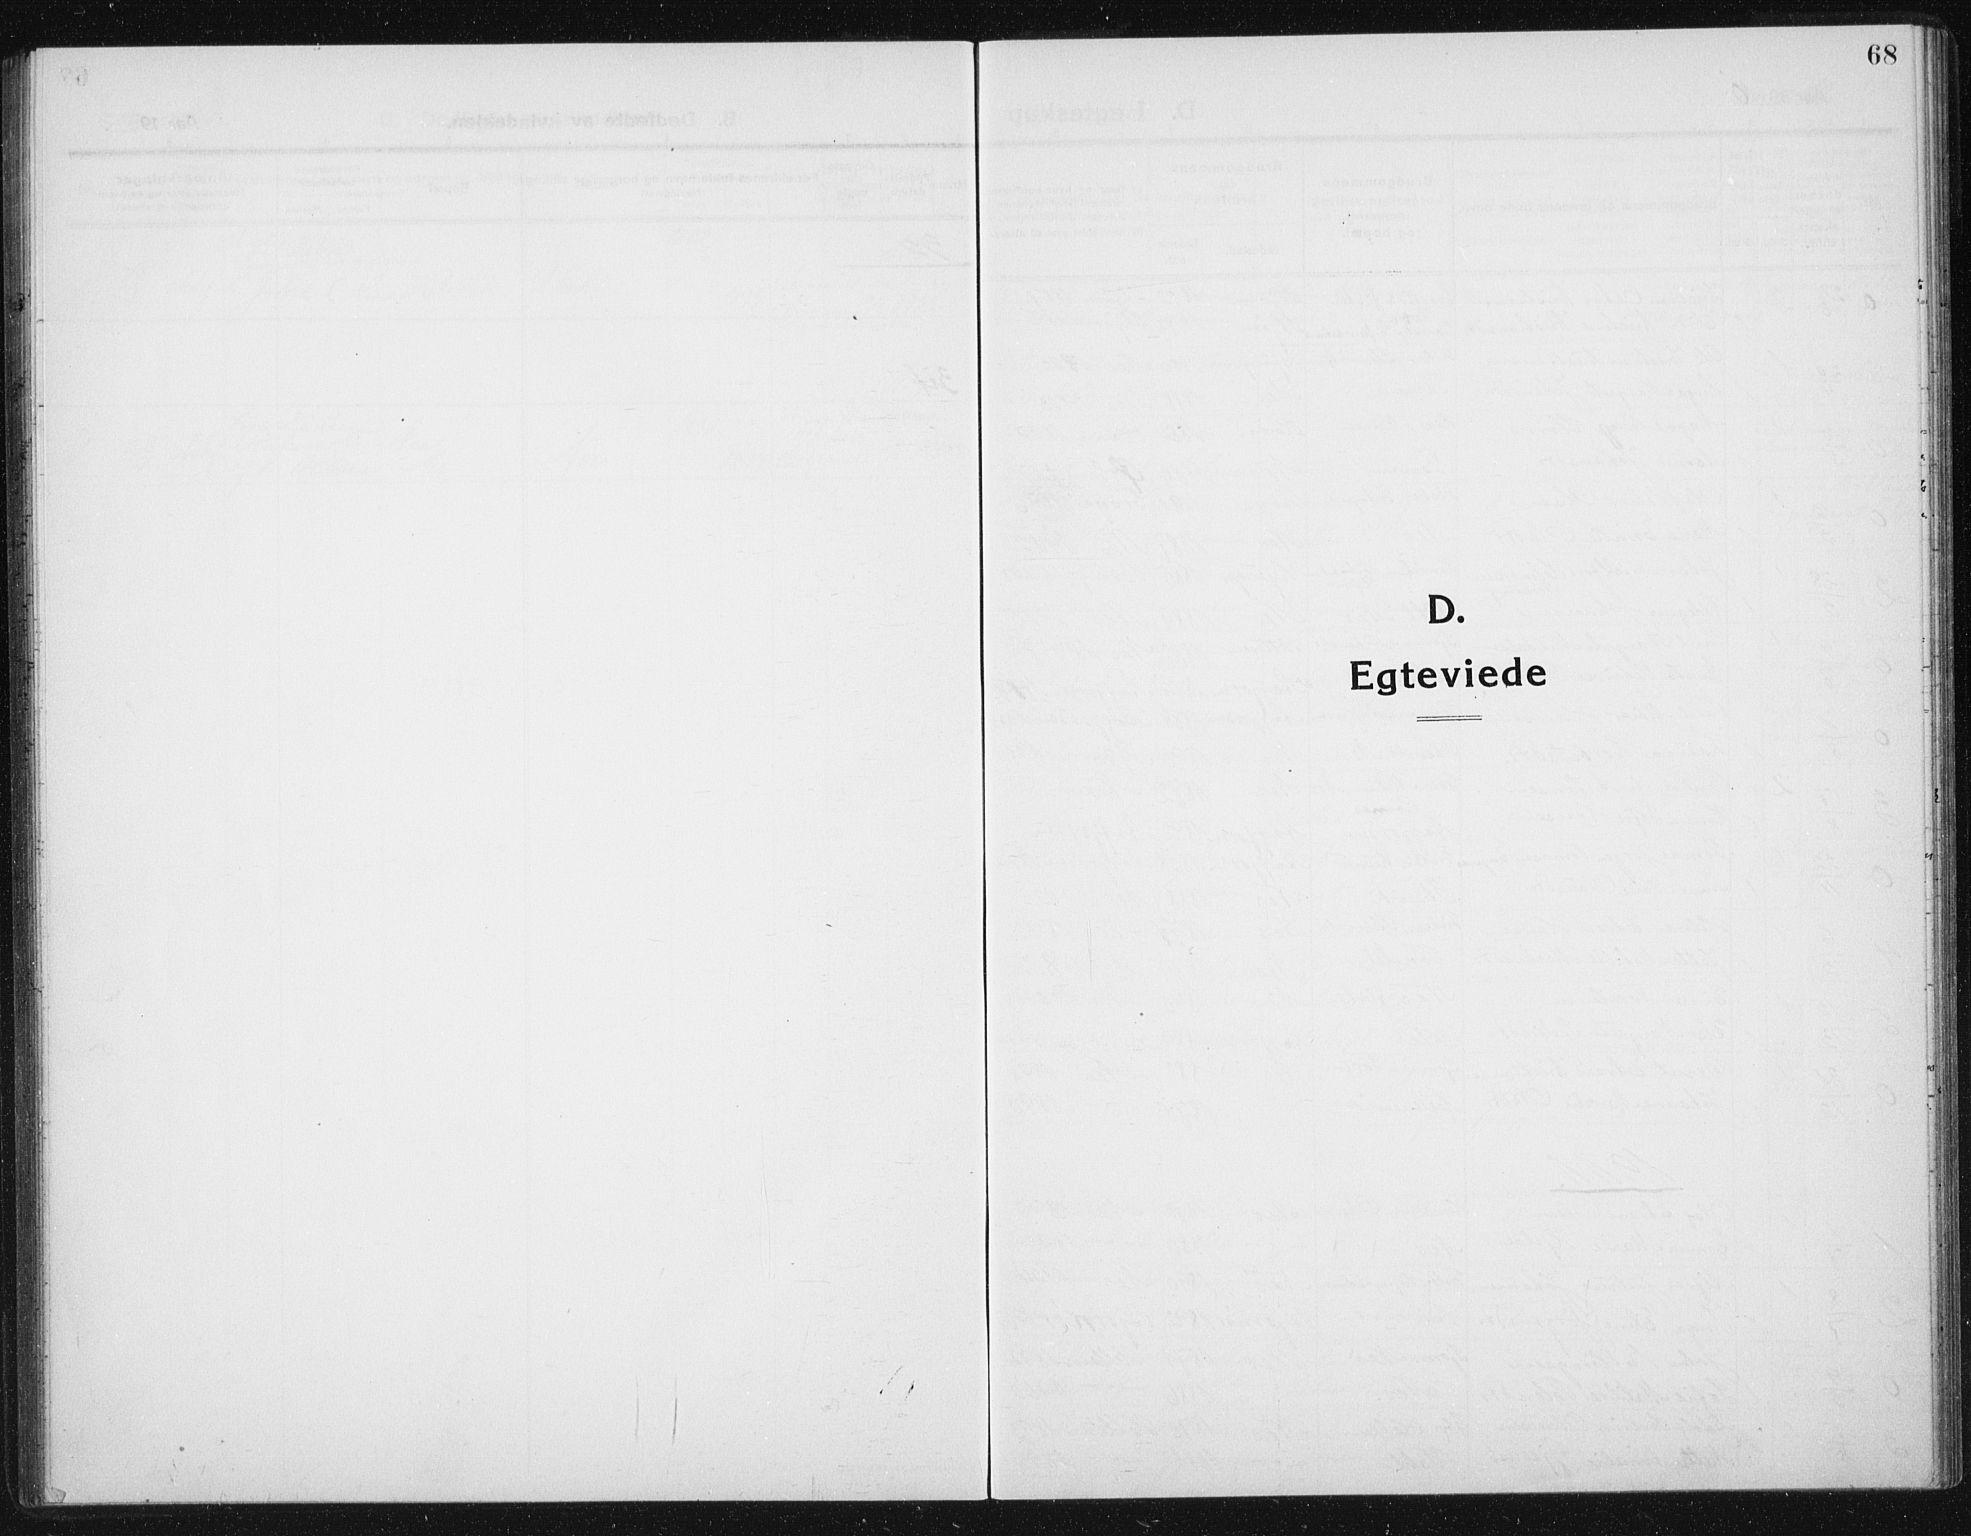 SAT, Ministerialprotokoller, klokkerbøker og fødselsregistre - Sør-Trøndelag, 652/L0654: Klokkerbok nr. 652C02, 1910-1937, s. 68